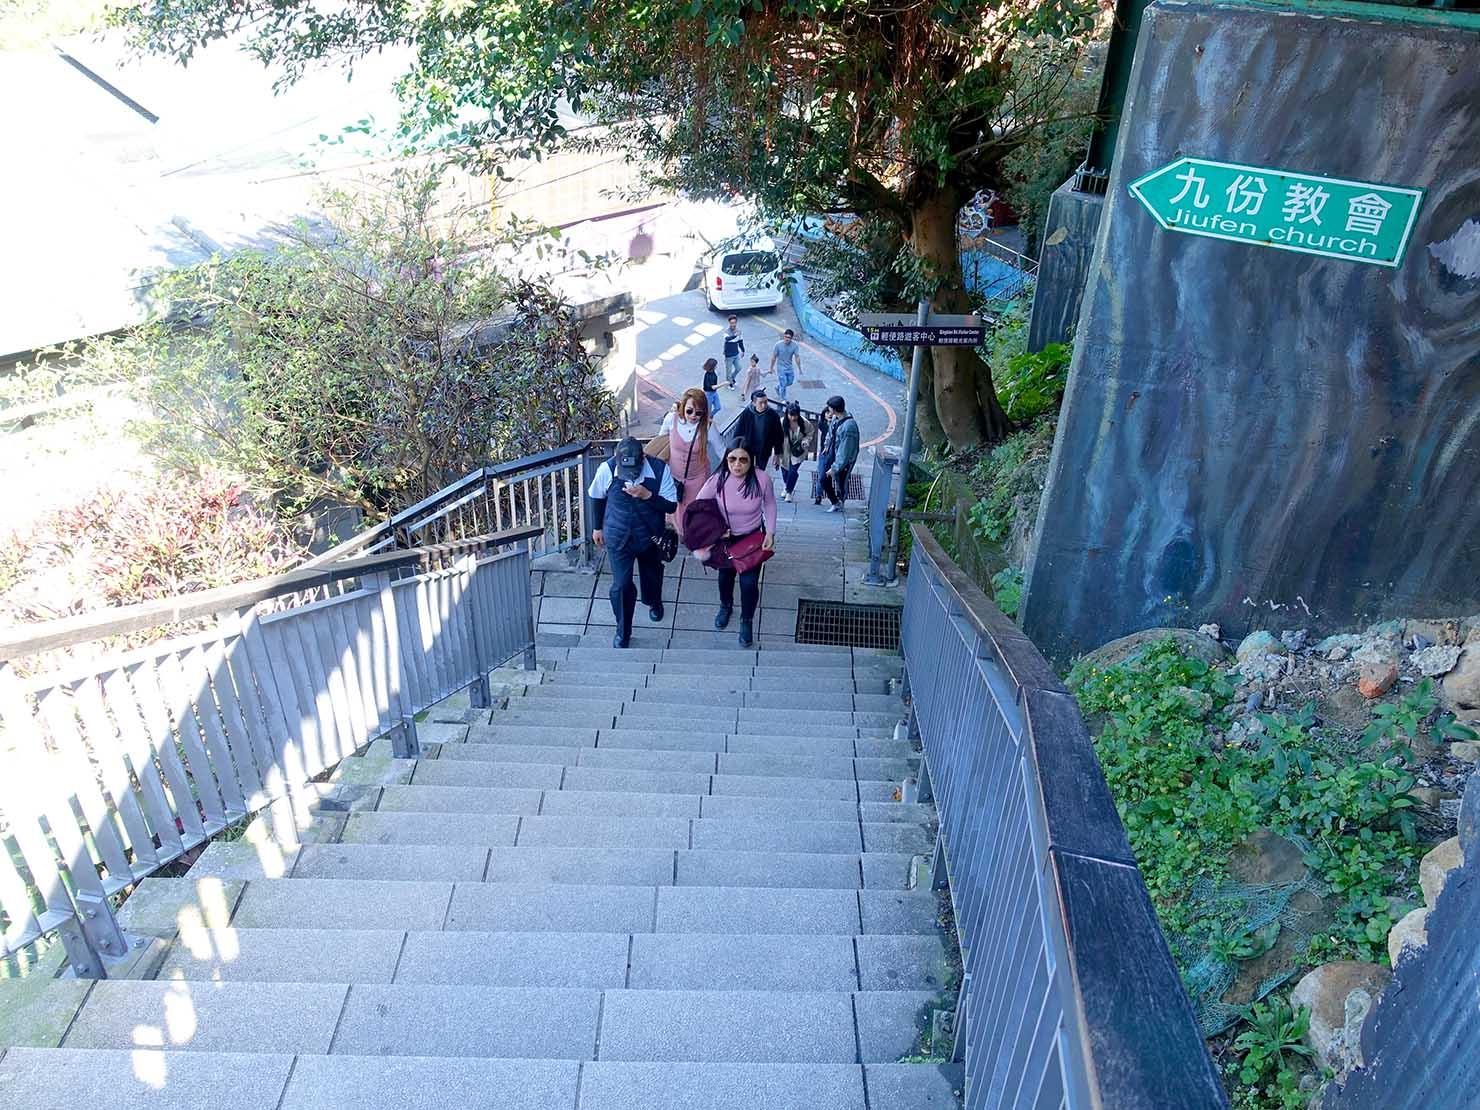 台北・九份老街バス停横の階段